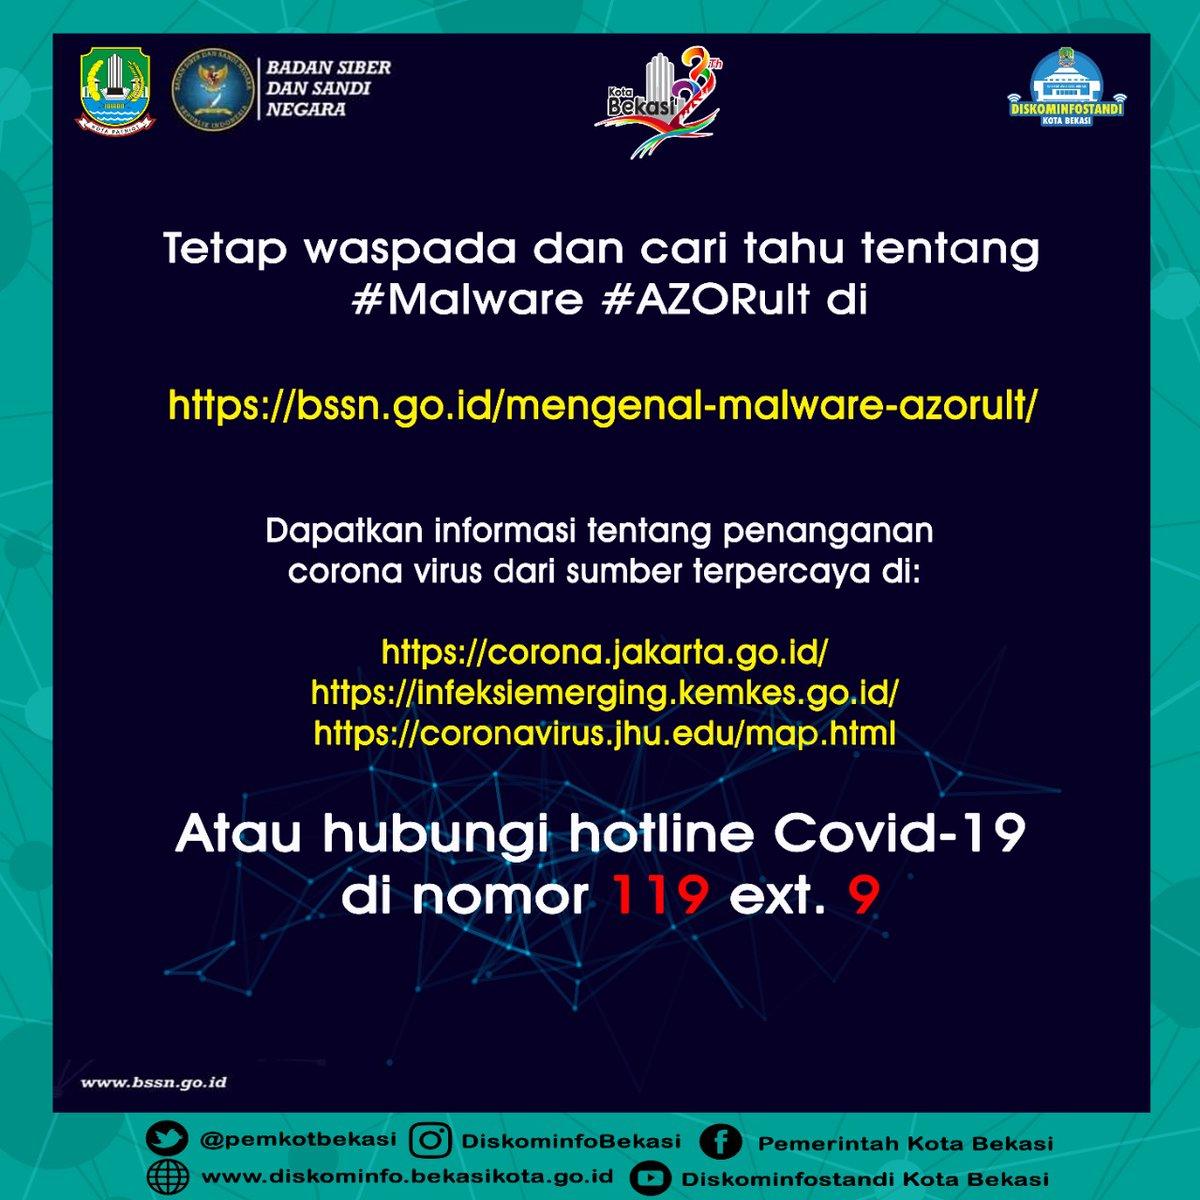 Kota Bekasi 75tahunjabar On Twitter Selamat Siang Waspada Terhadap Peta Palsu Penyebaran Corona Virus Dapatkan Informasi Ttg Penanganan Corona Virus Dari Sumber Terpercaya Dgn Mengunduh Info Dibawah Bssn Ri Kemenkesri Dinkes Kotabks